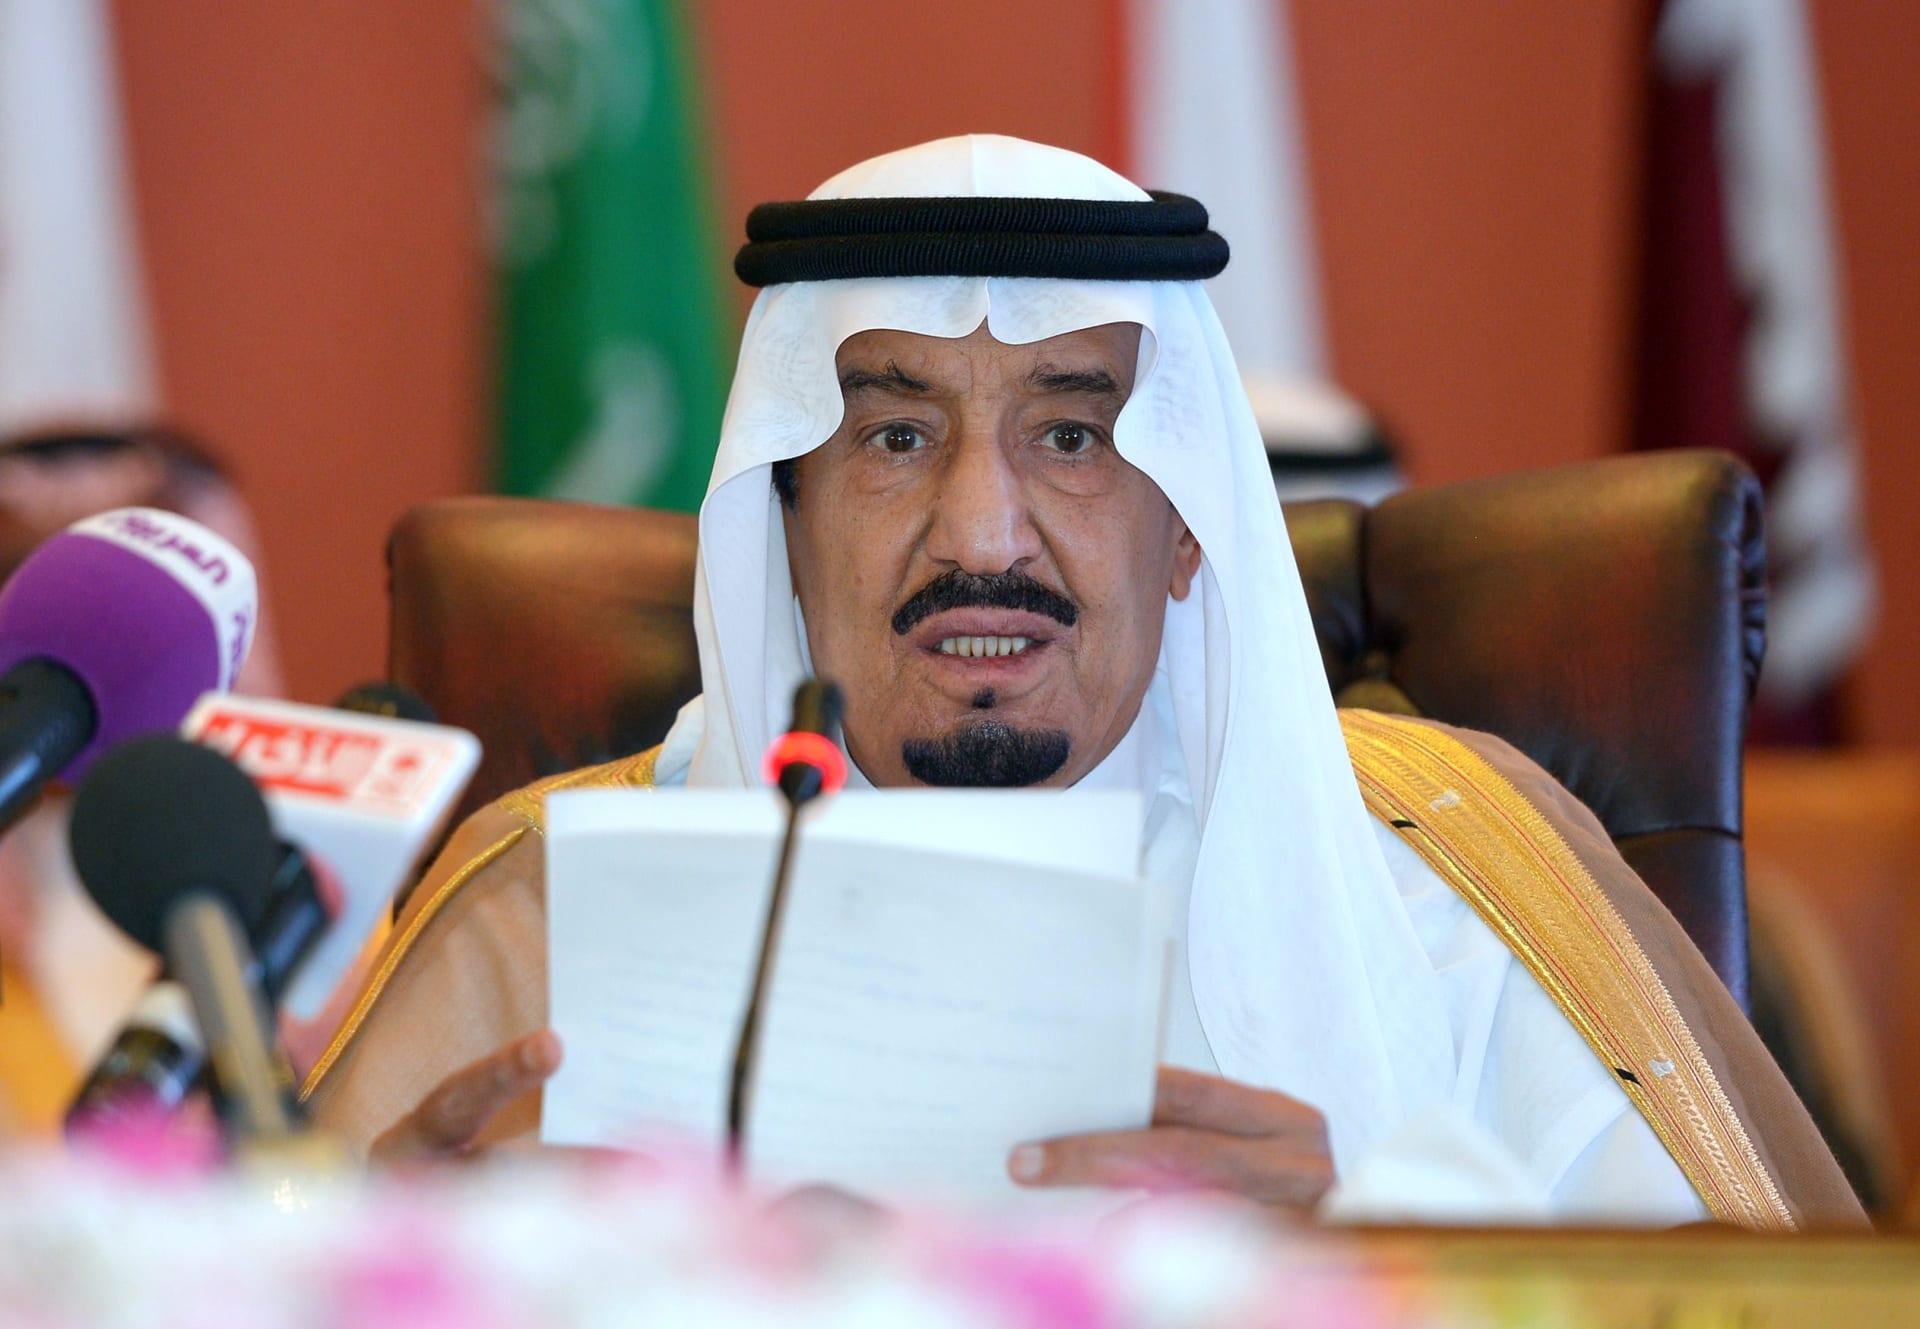 أمر ملكي سعودي بشأن بدل غلاء المعيشة